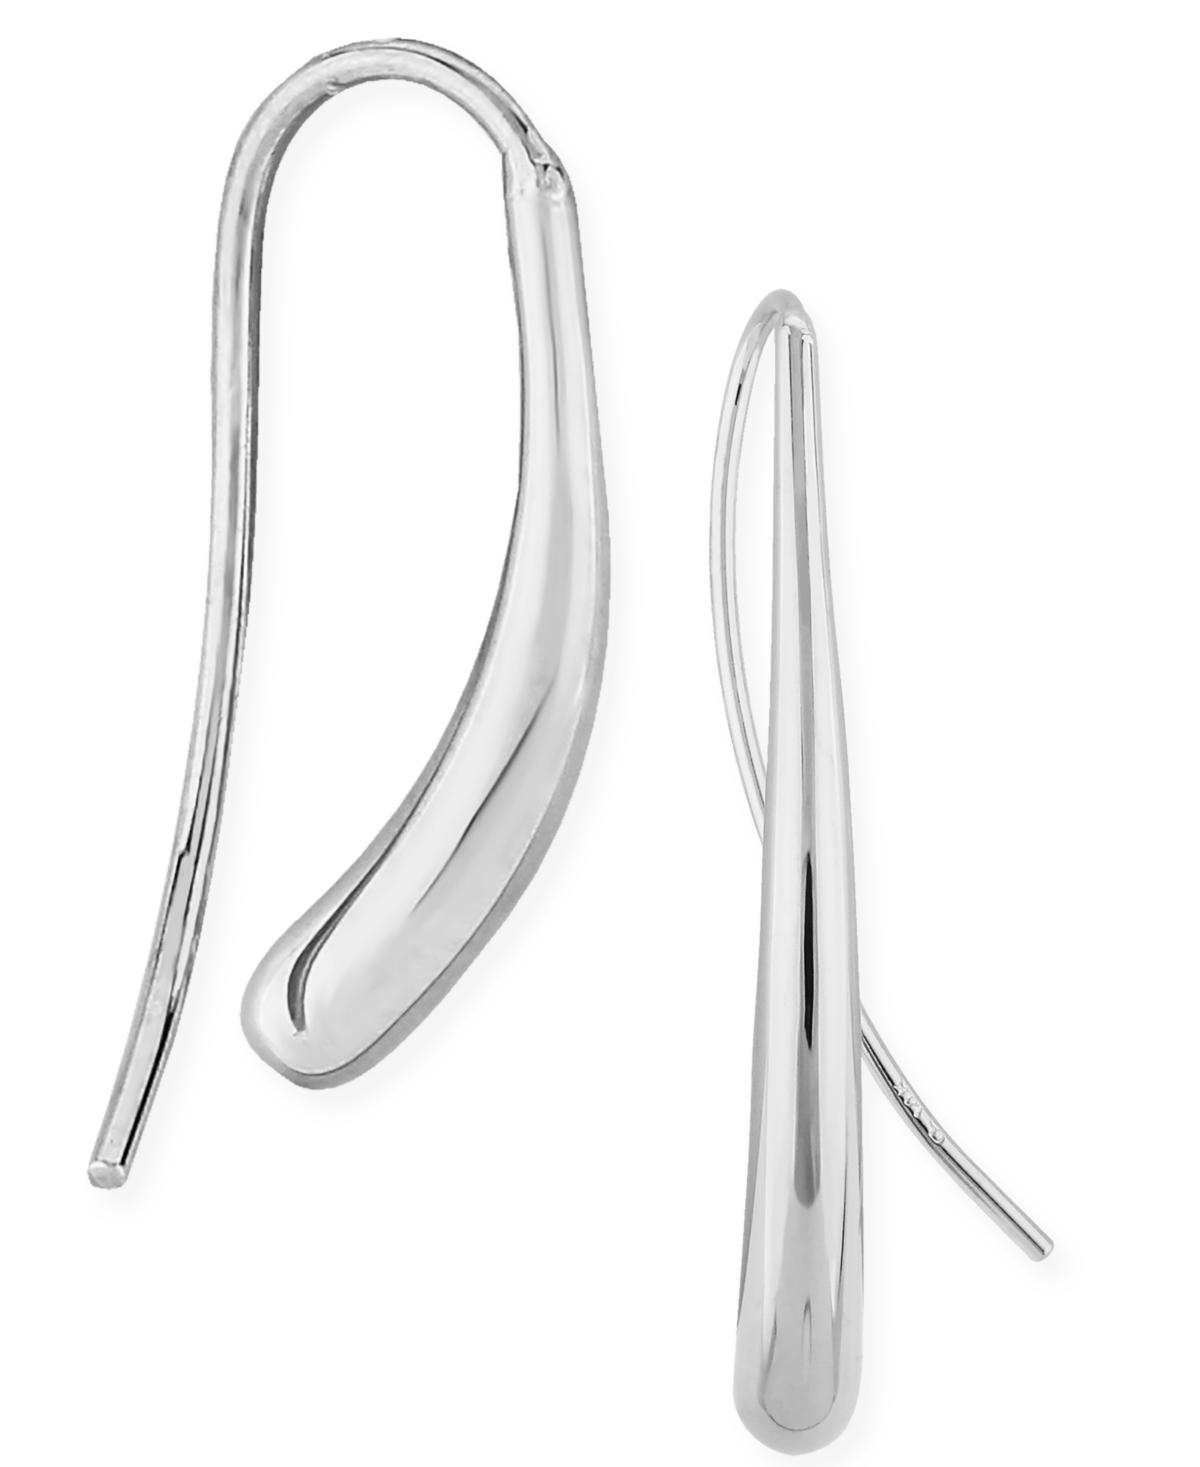 Fluid Teardrop Earrings Set in 14k White or Yellow Gold